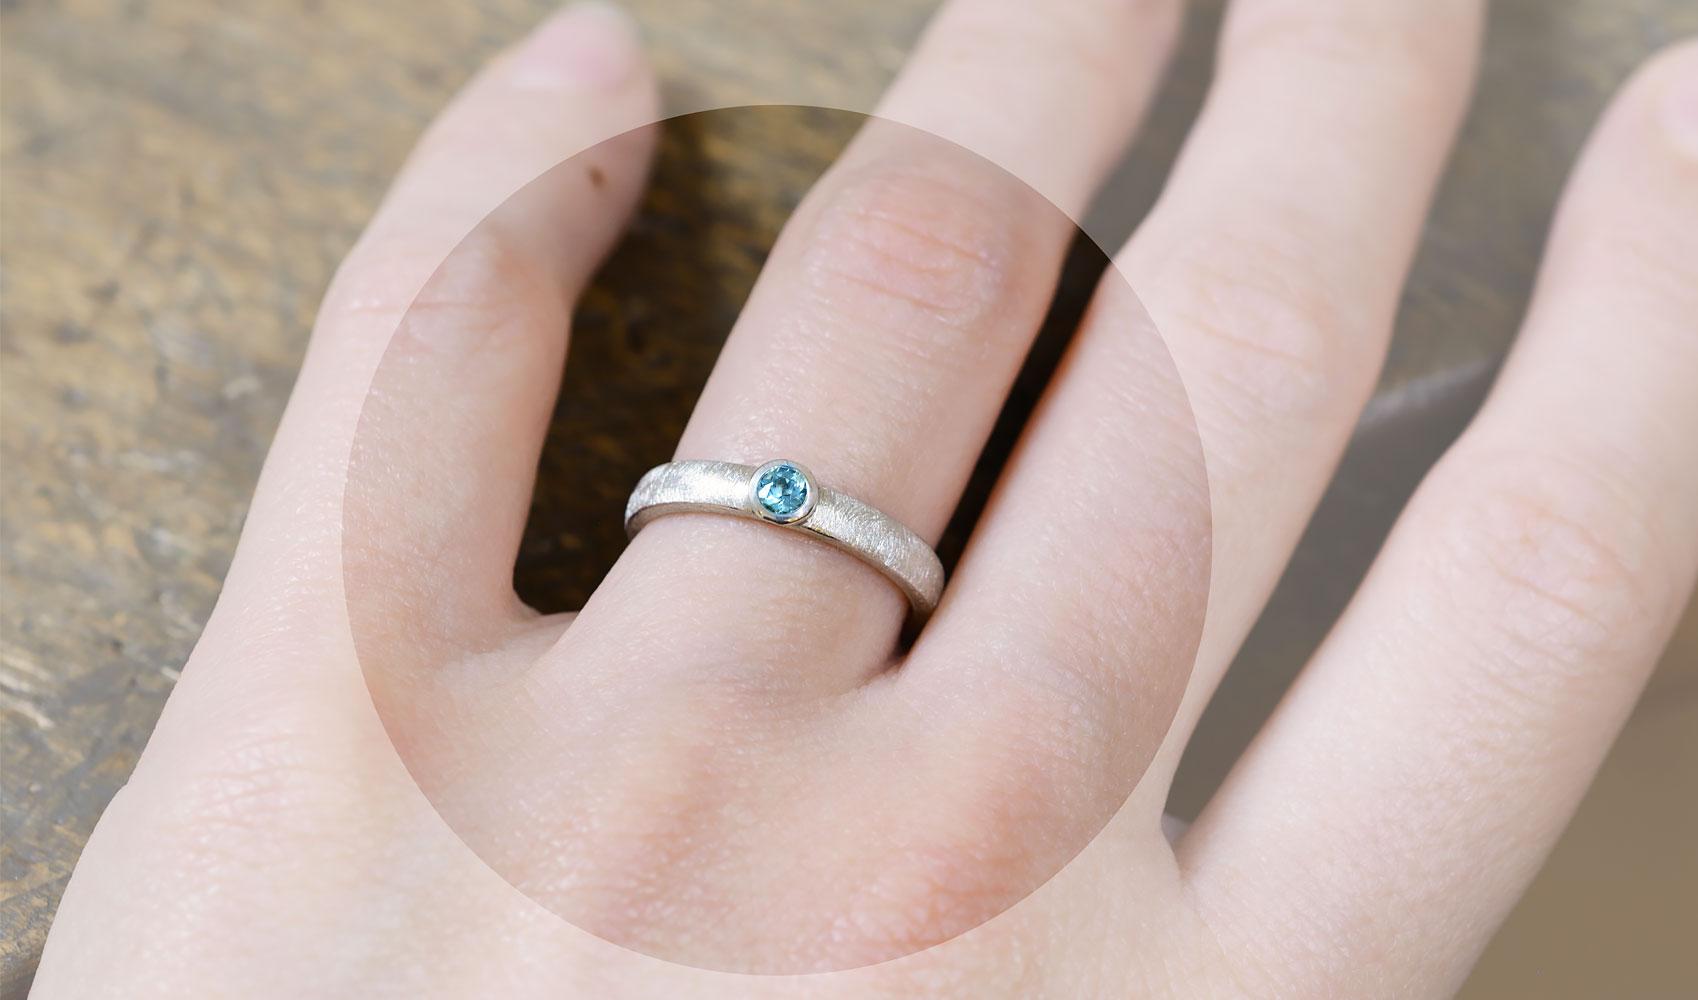 GOLDAFFAIRS - Schlichter Verlobungsring aus FAIRTRADE Silber mit Aquamarin